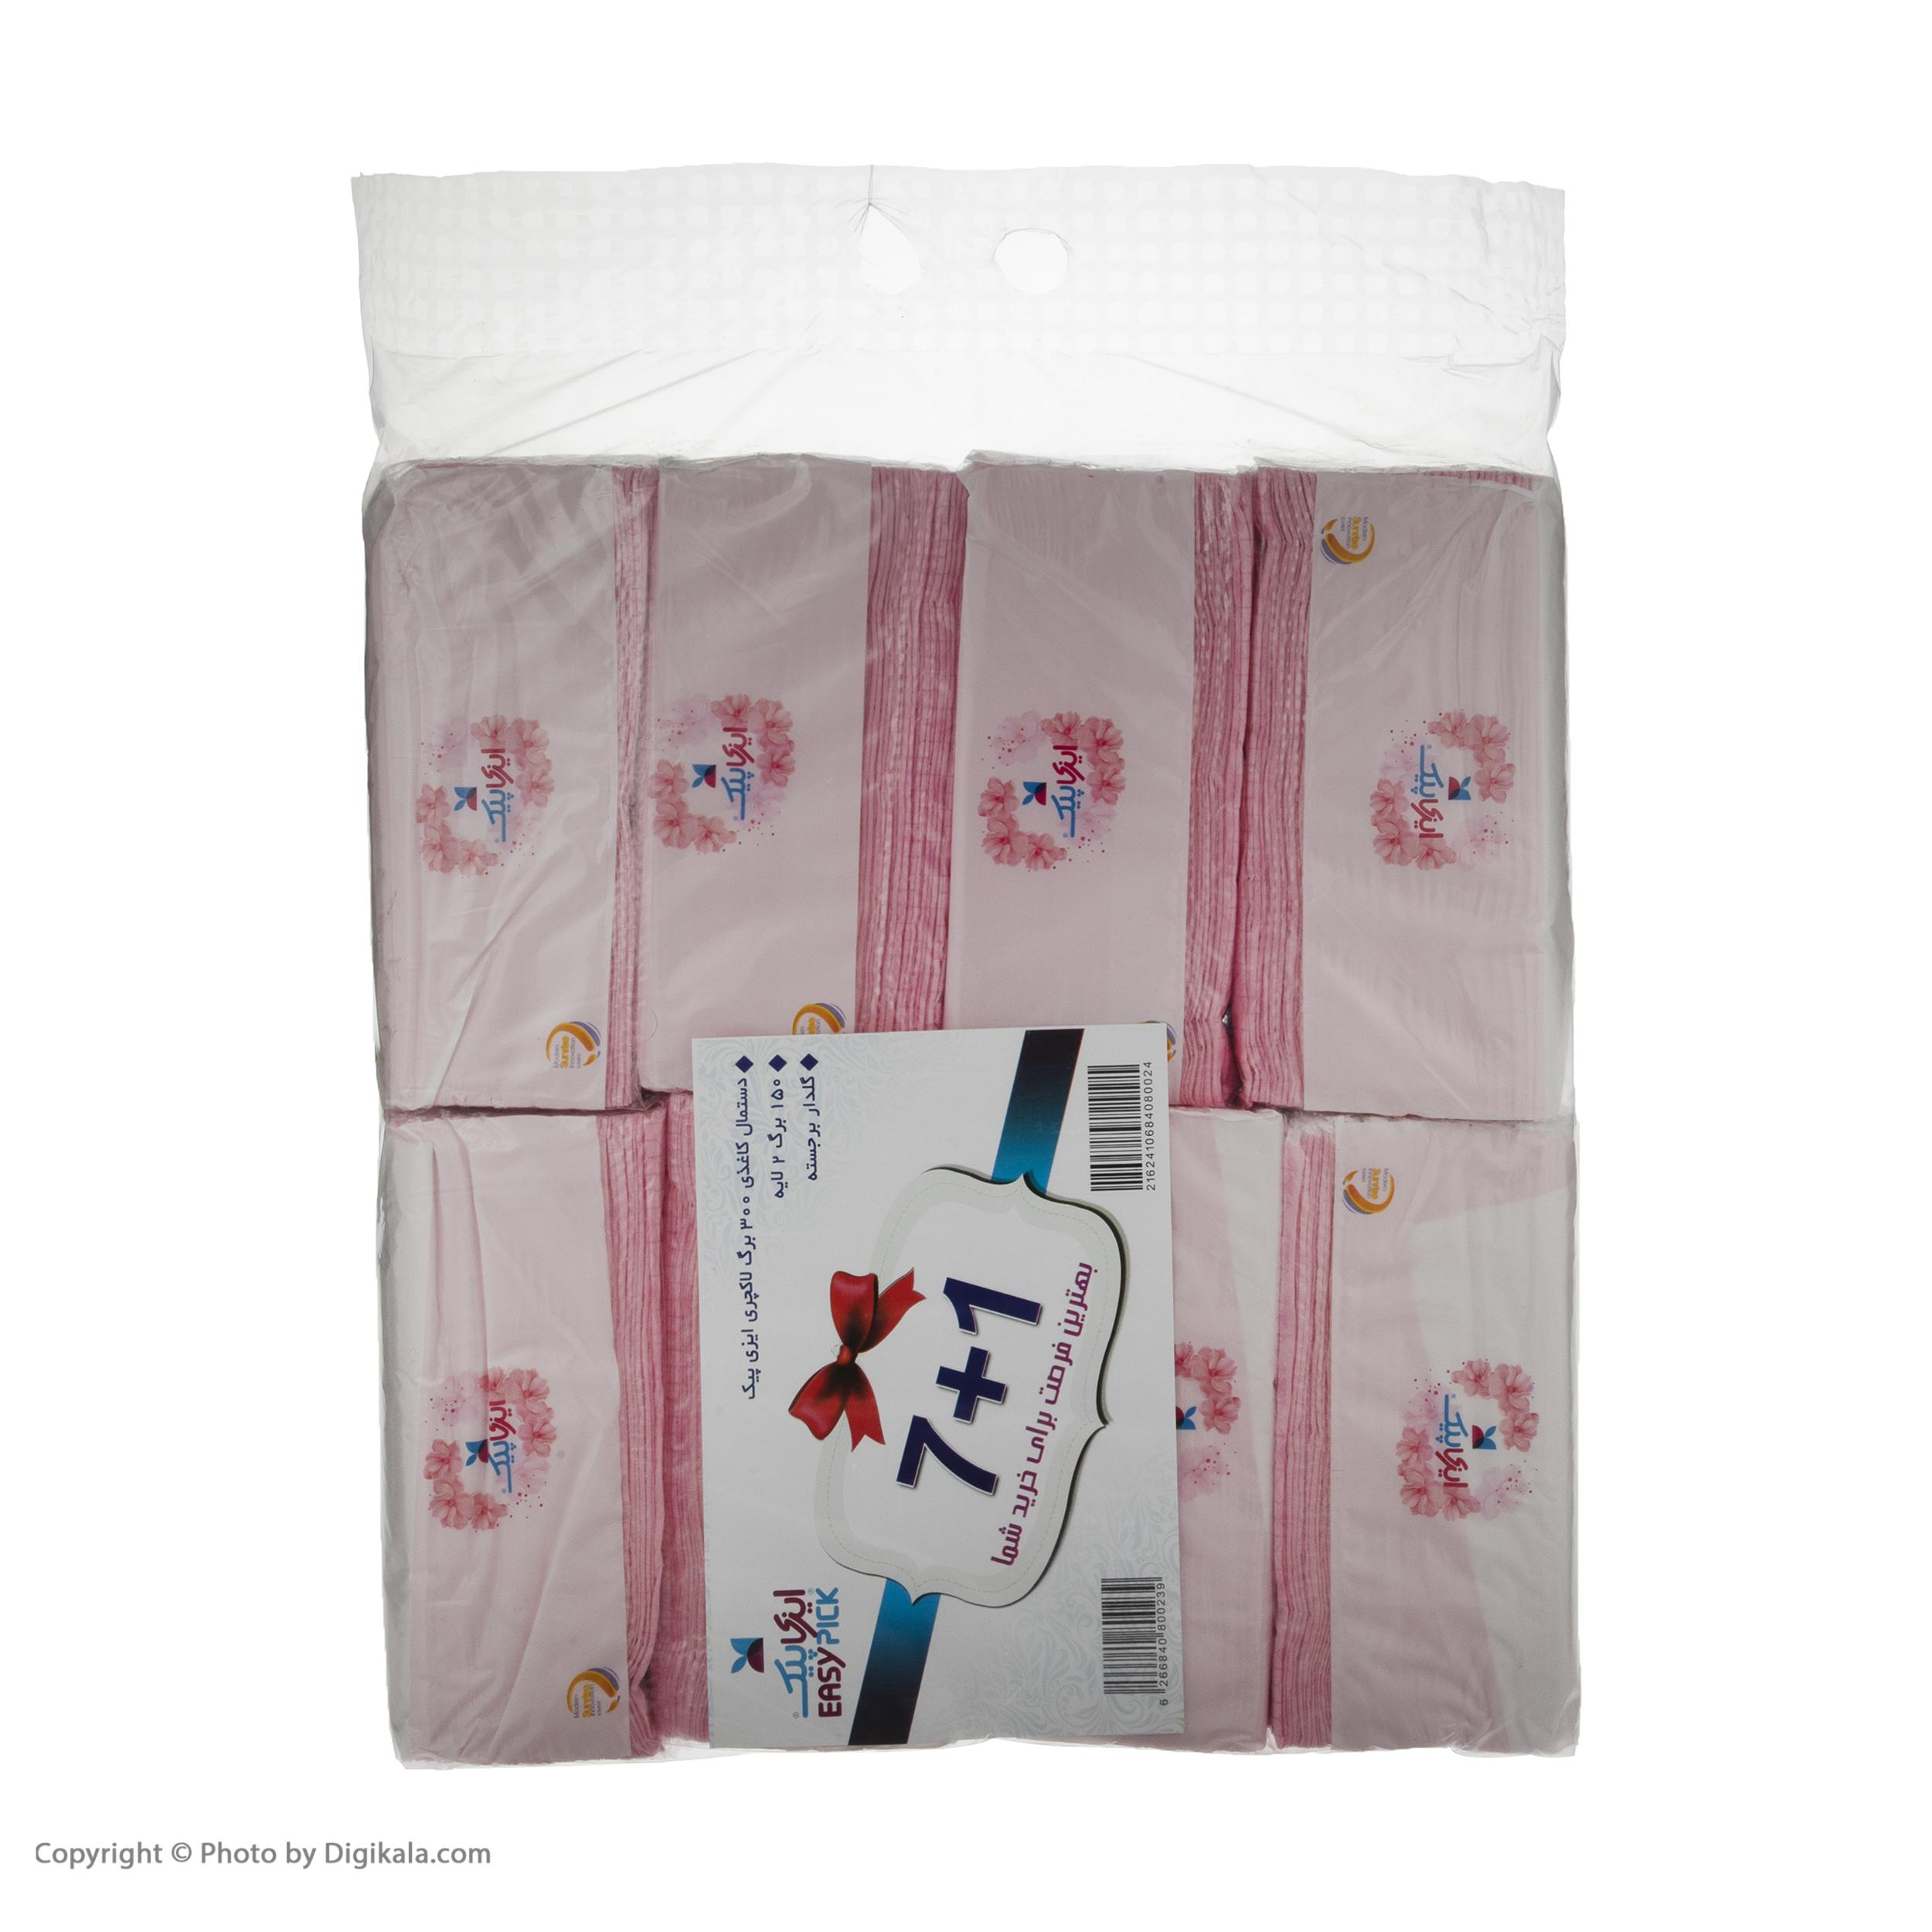 دستمال کاغذی 150 برگ ایزی پیک مدل Luxury بسته 8 عددی main 1 5